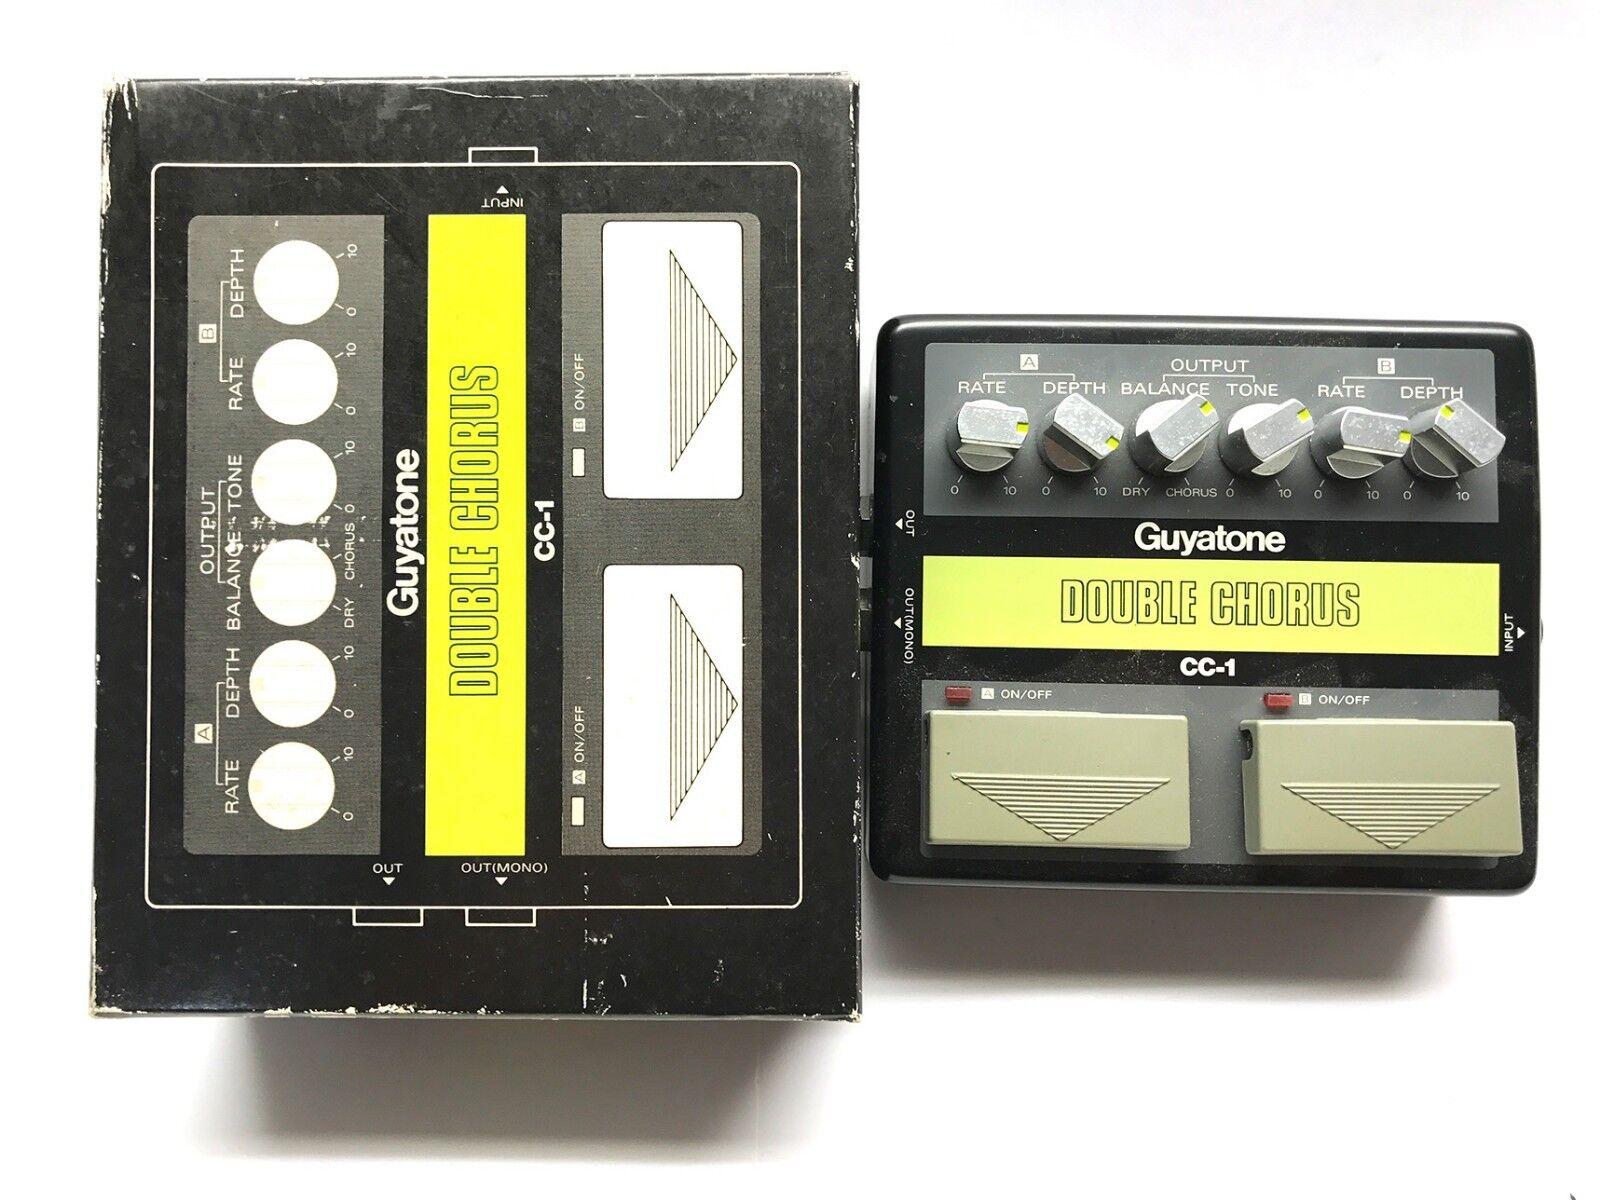 Guyatone CC-1, doble coro, Boxeo Boxeo Boxeo original, efecto Vintage Mij década de 1980,  Precio al por mayor y calidad confiable.